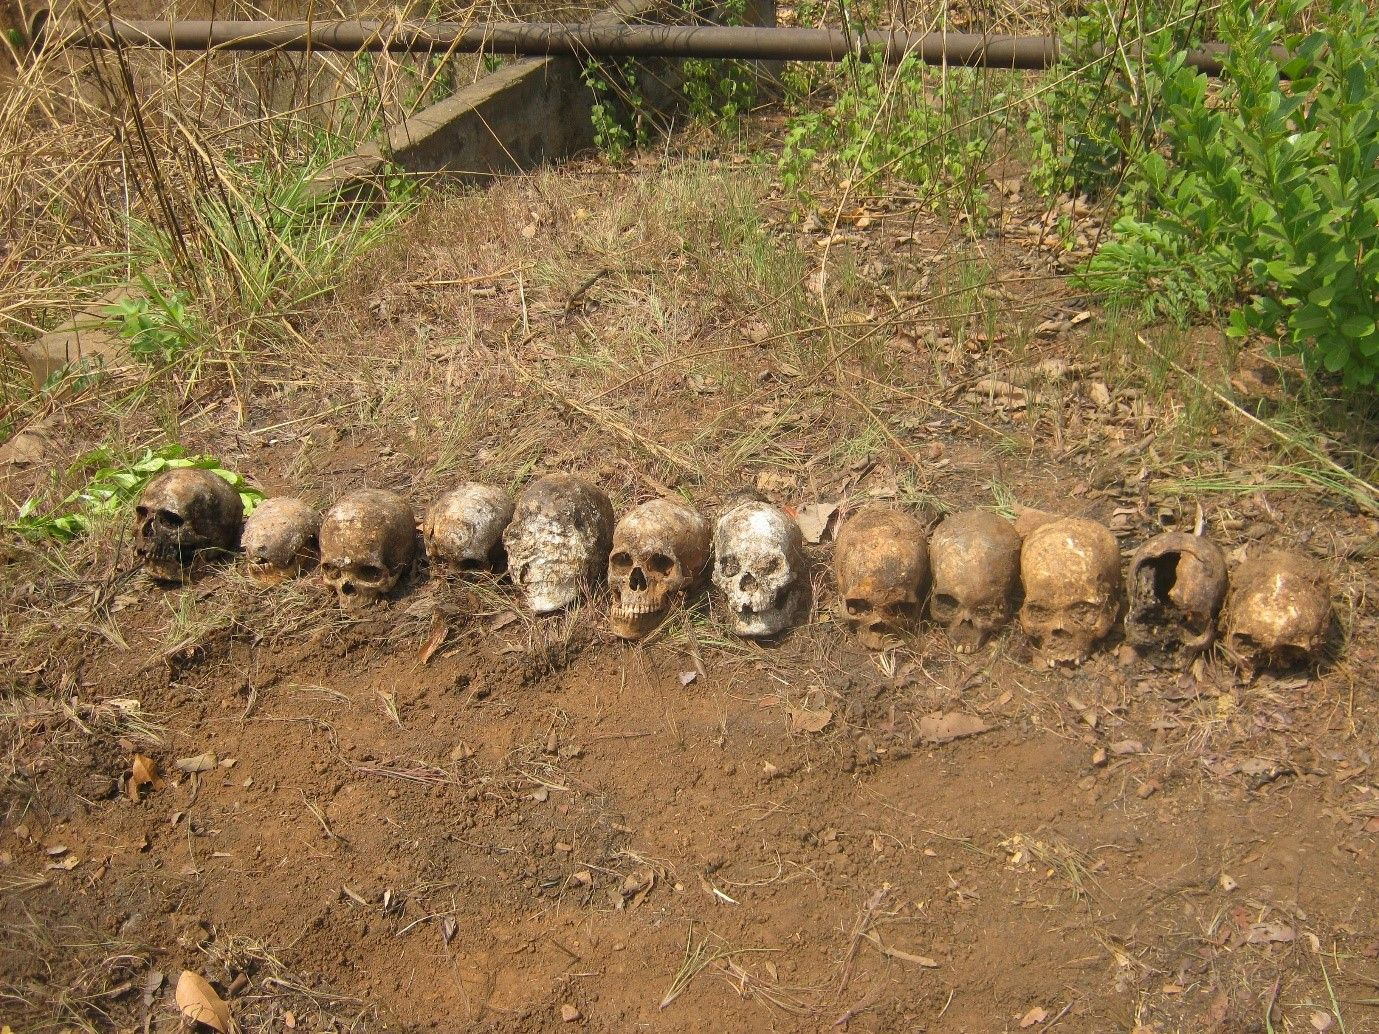 Skulls found in mass grave.